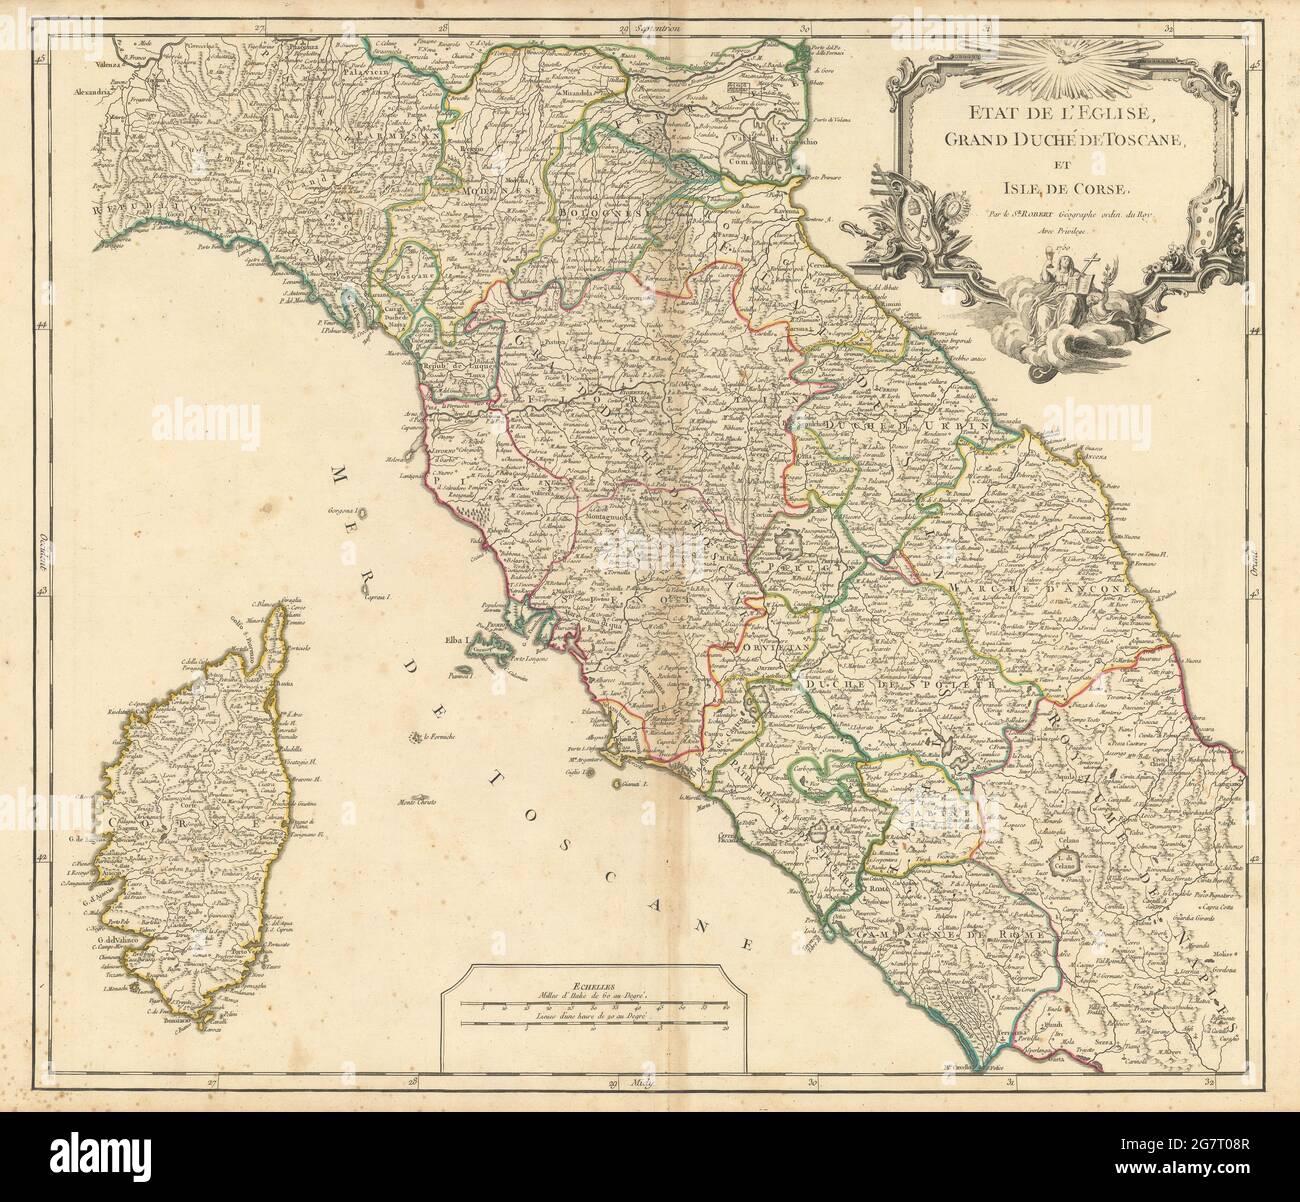 'Erat l'Eglise, Grand Duché Toscane et Isle Corse' Toscane. Carte DE VAUGONDY 1750 Banque D'Images